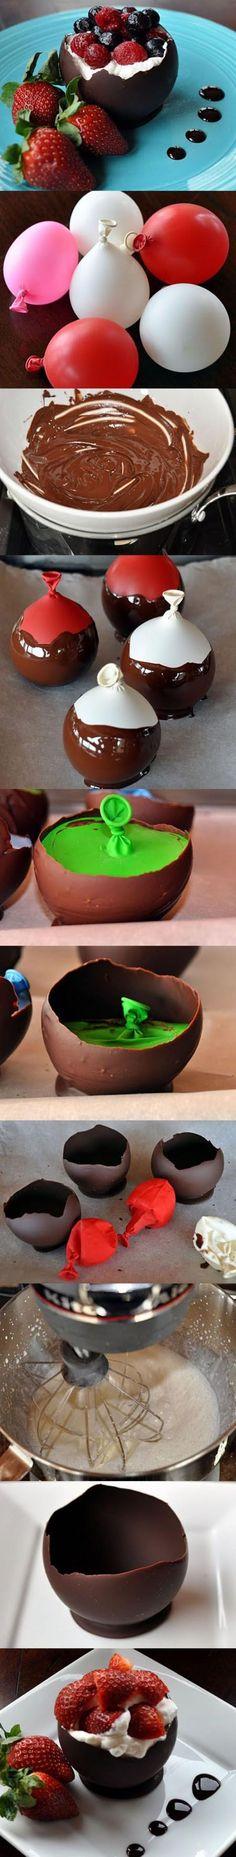 Chocolate bowl! Genius!